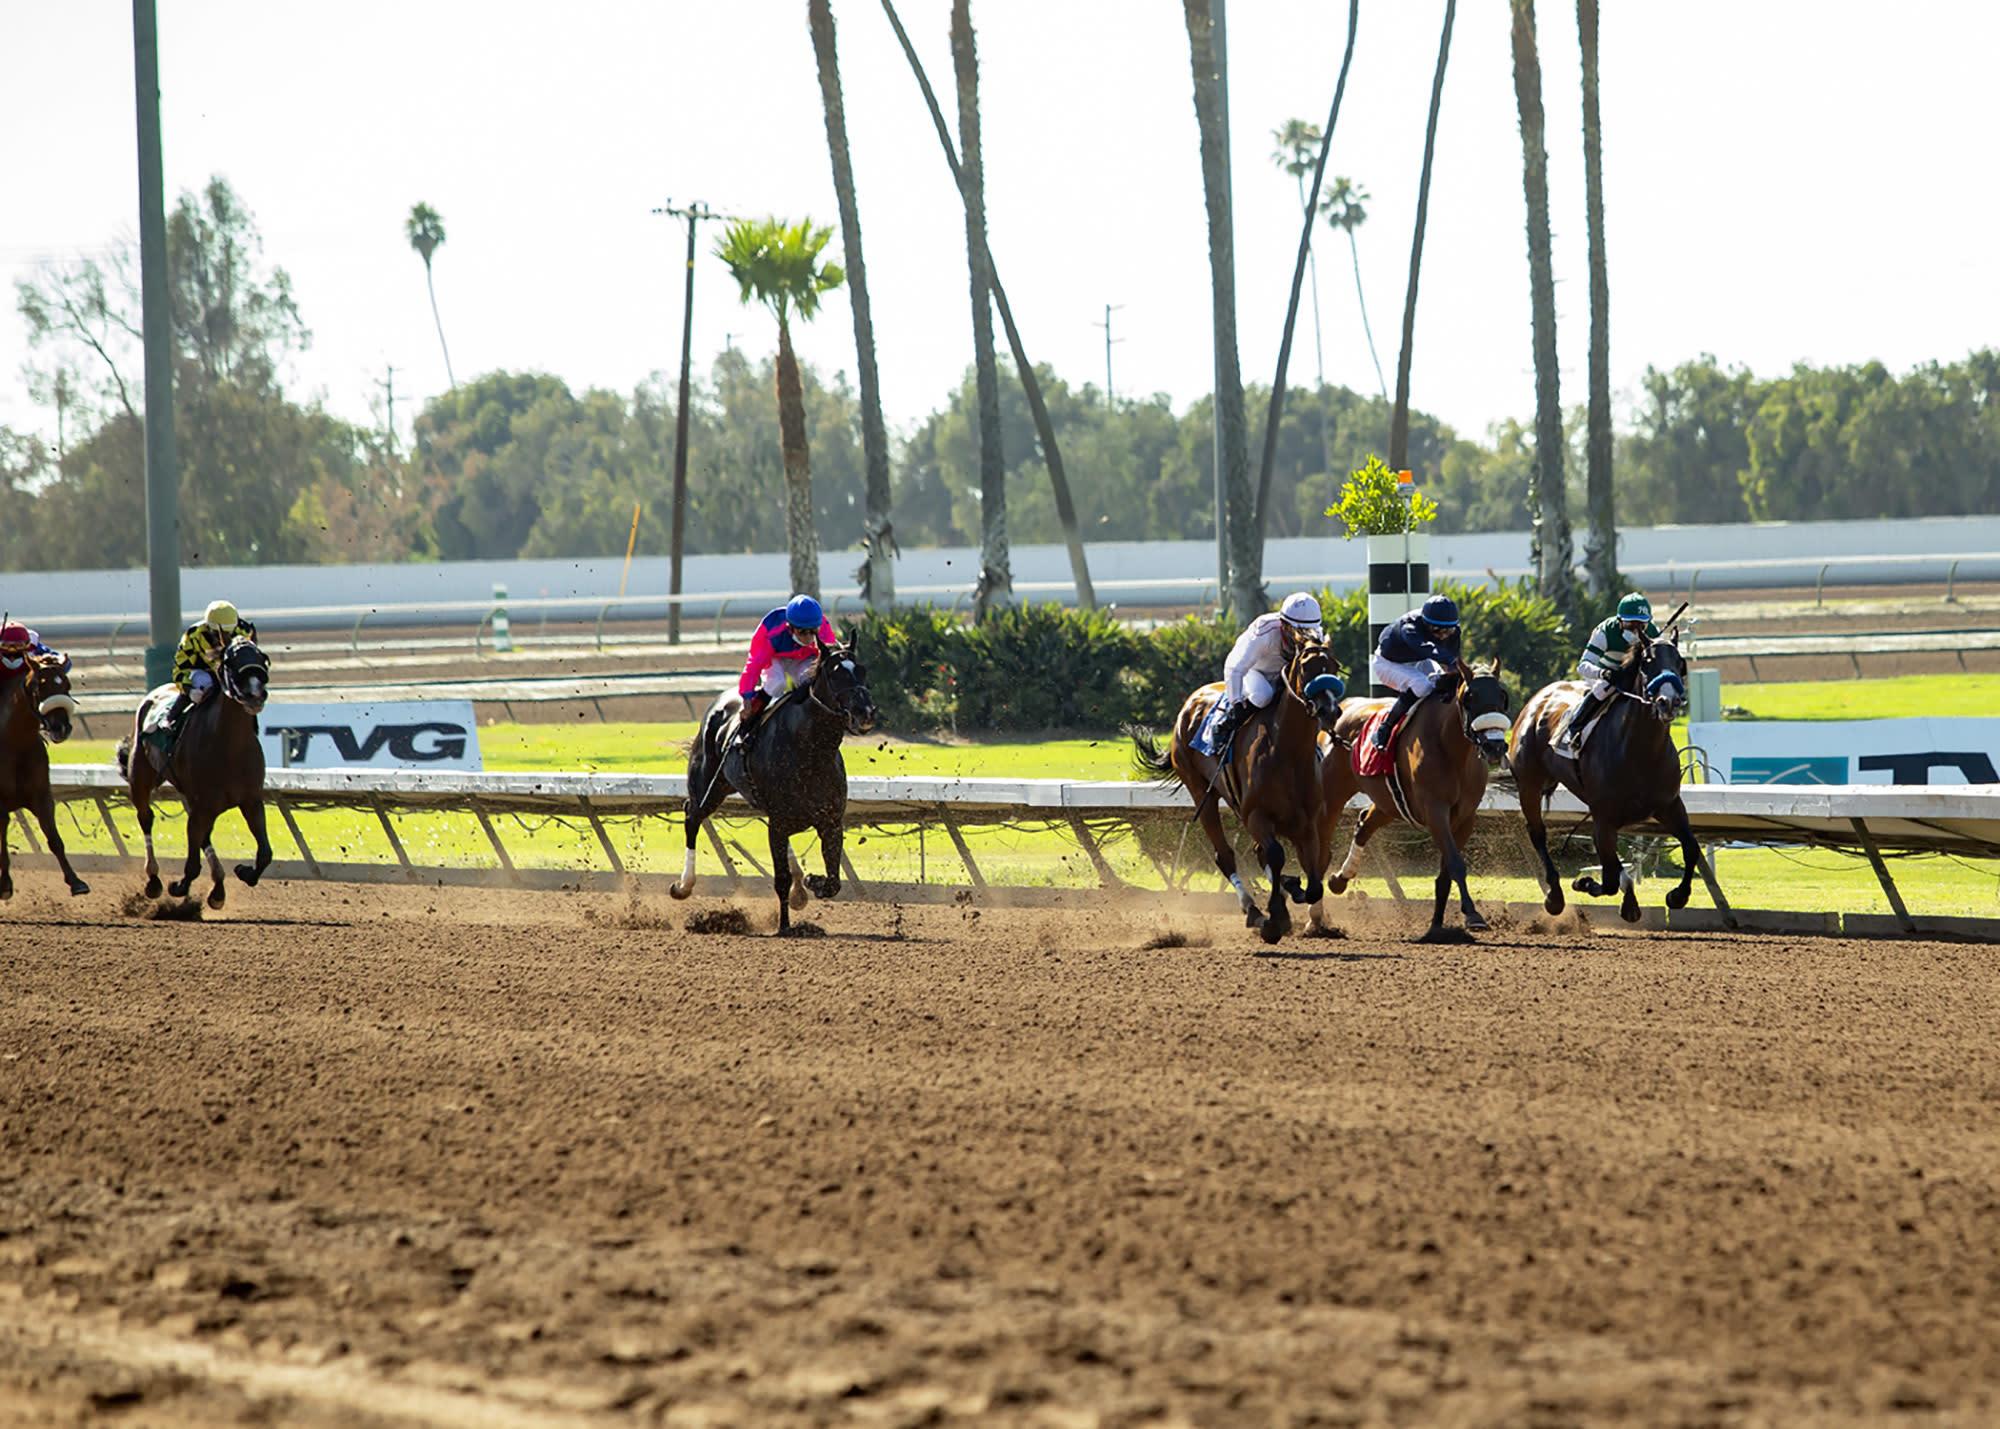 Los Alamitos Horse Racing